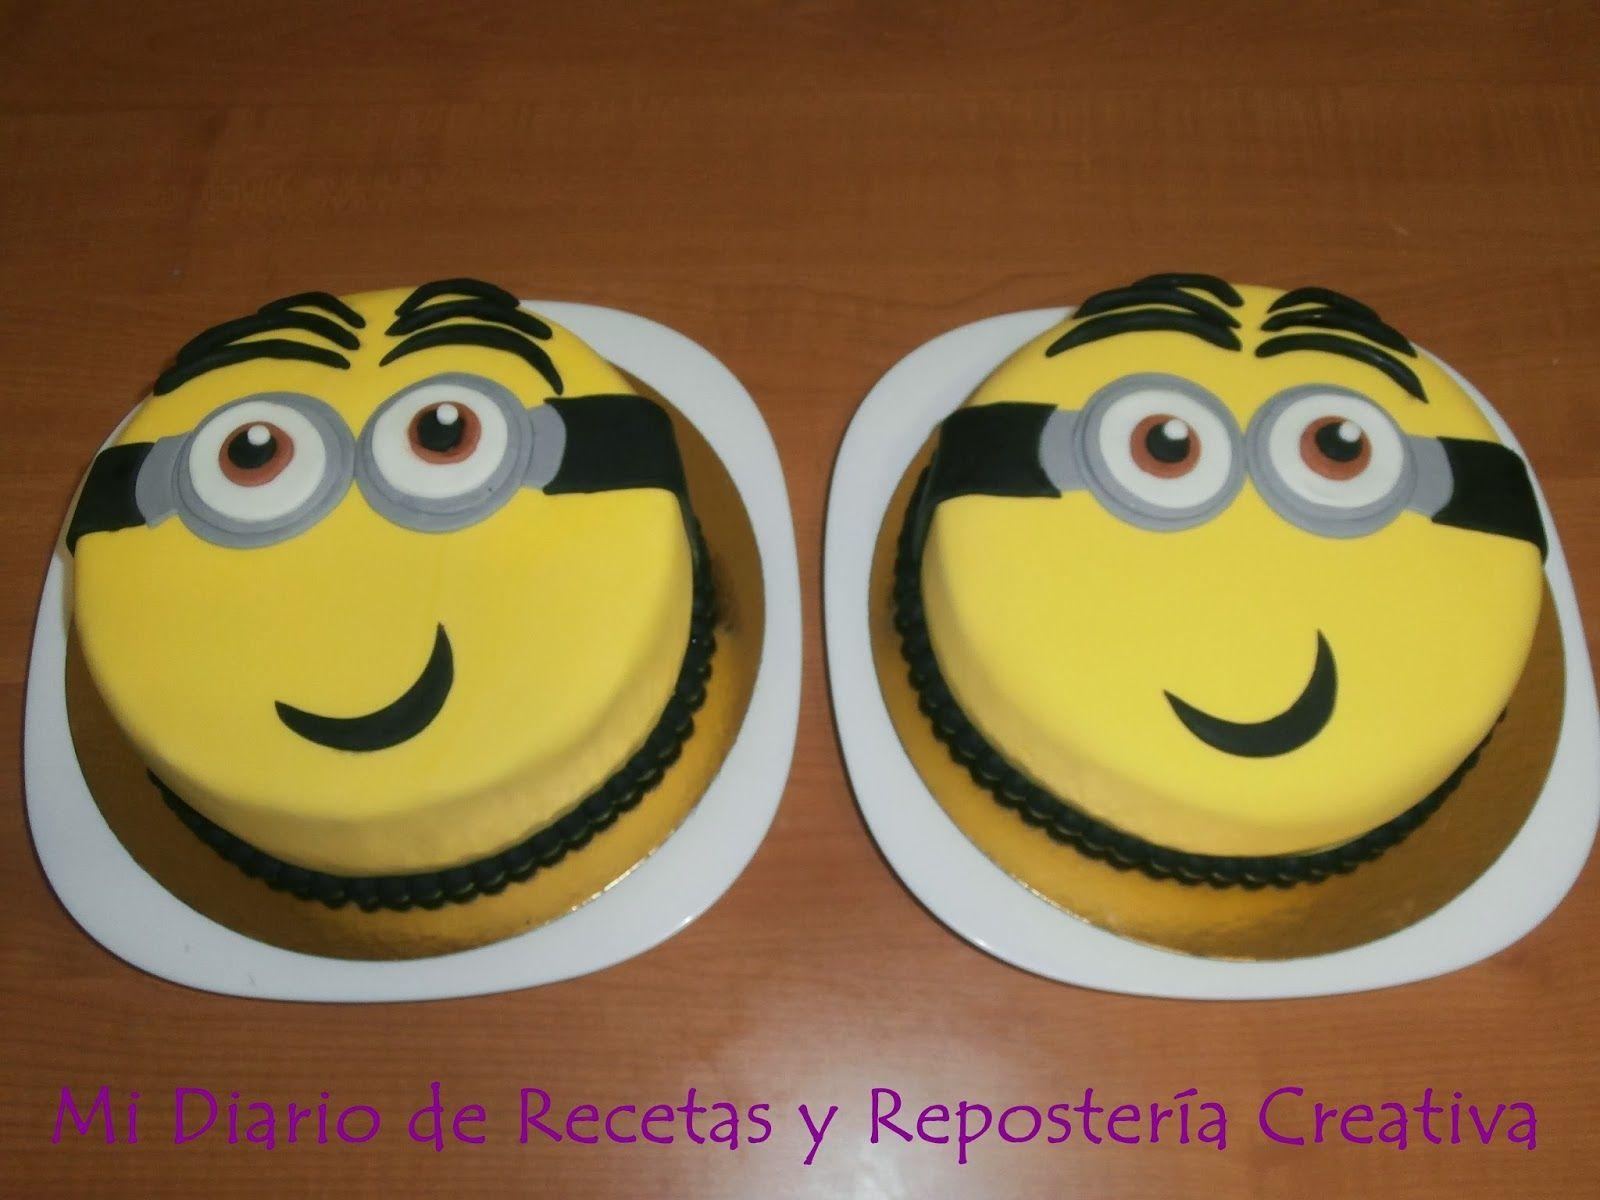 Mi diario de Recetas y Reposteria Creativa: TARTAS DE MINION